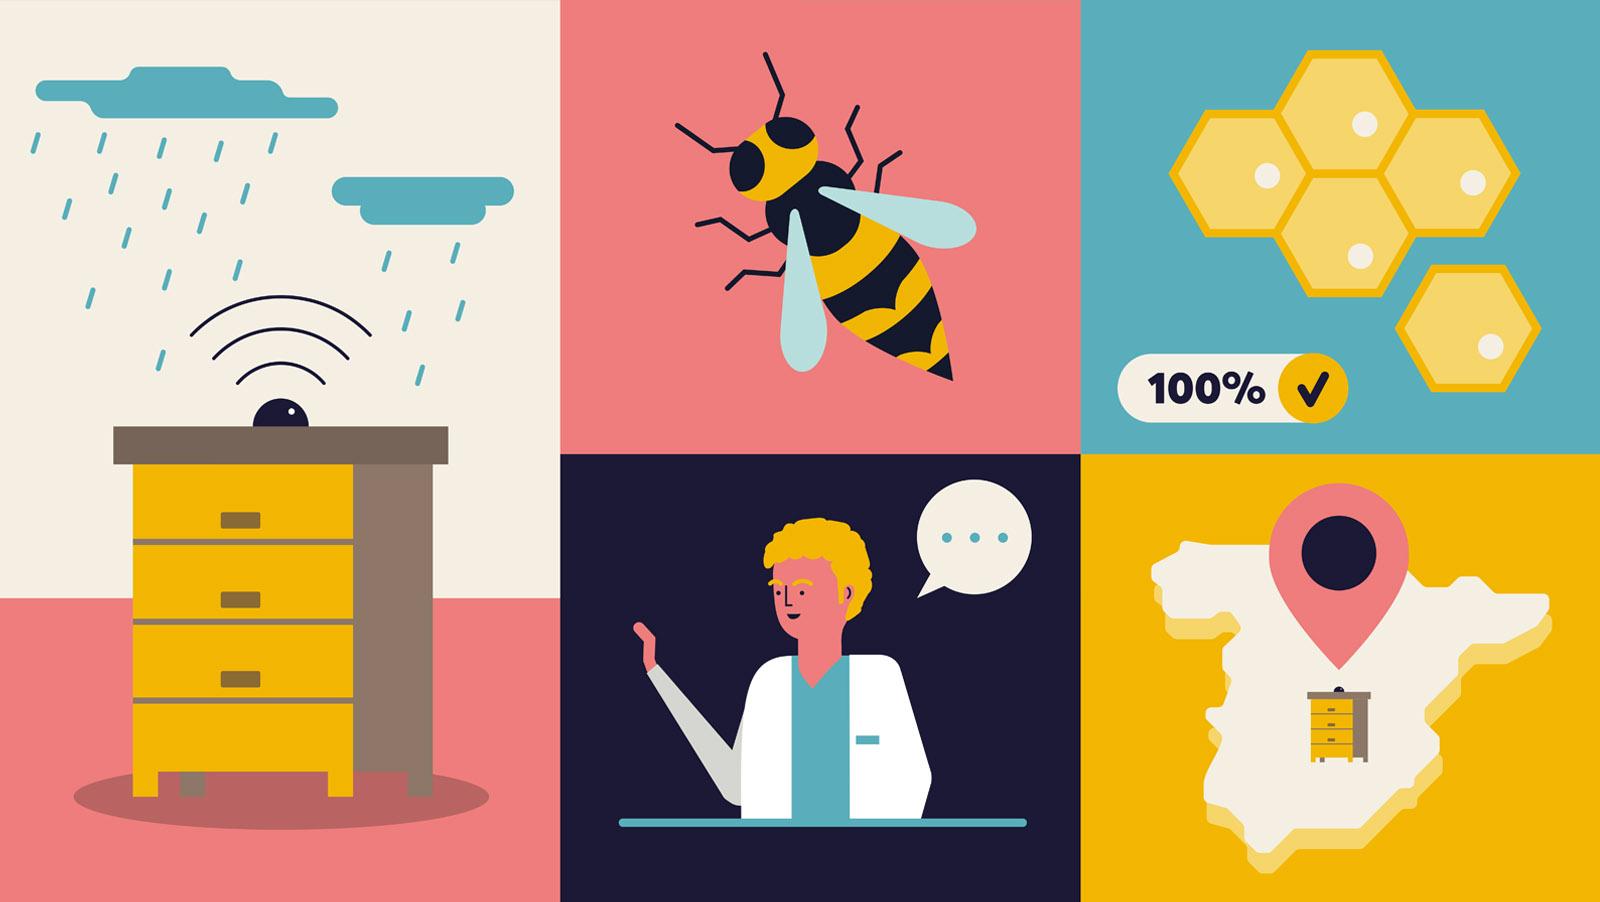 bee2keeper video animado, Ilustración vectorial de una colmena, una abeja, un panal de abejas, veterinario y la localización de la comena en España